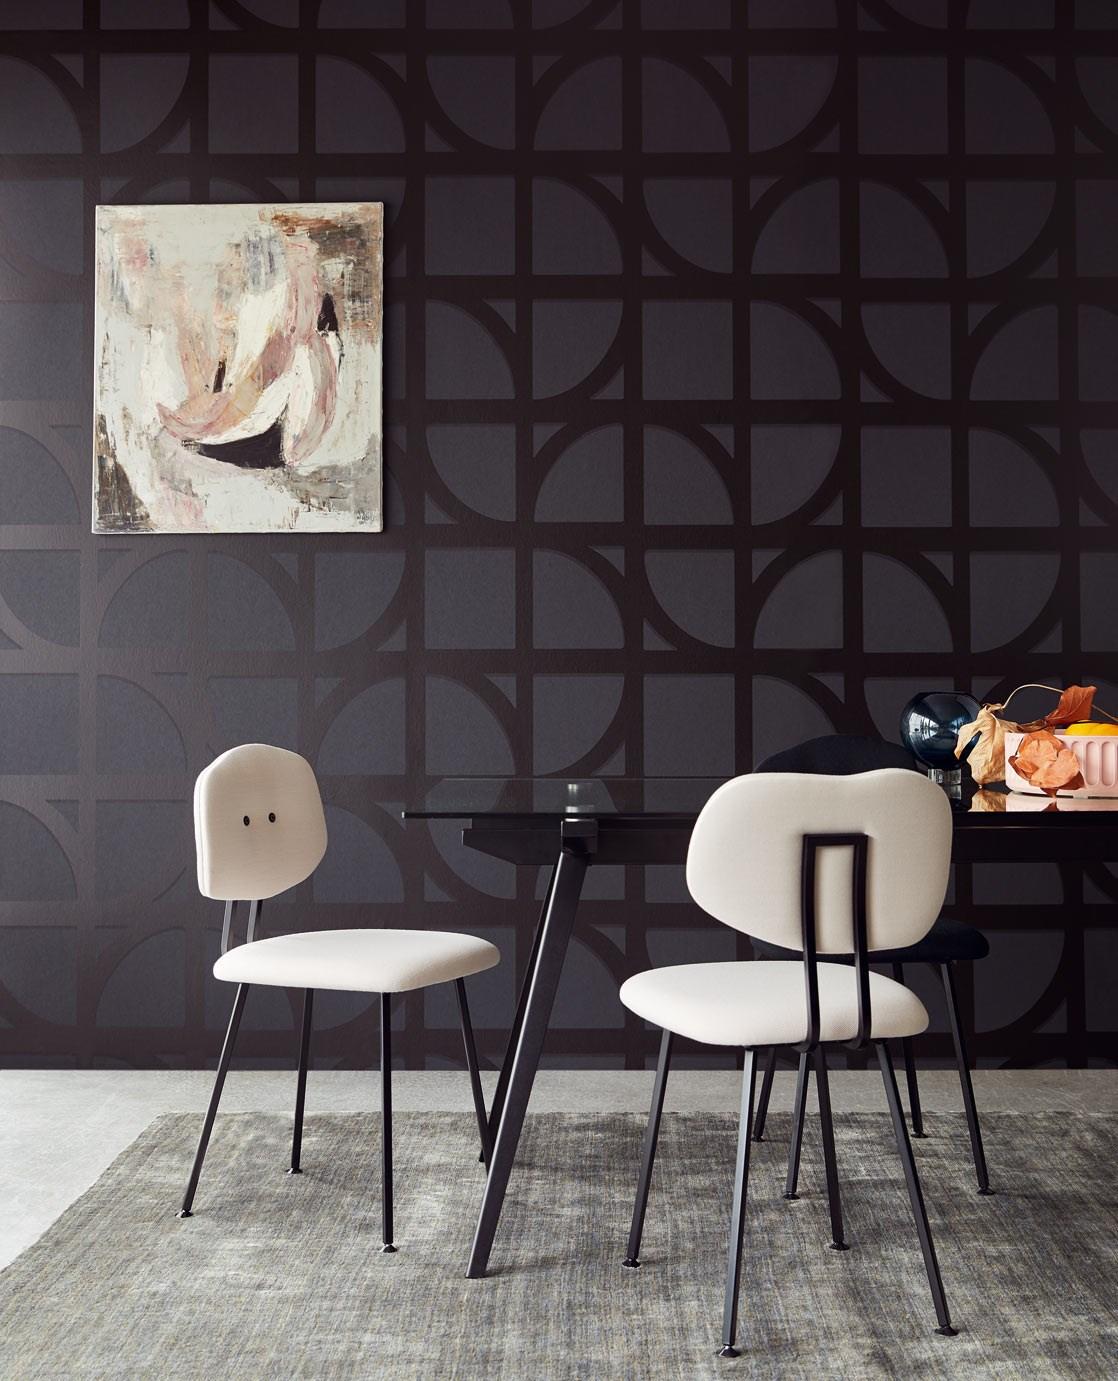 Masa sticla cu scaune din tapiterie alba pe picioare de fier